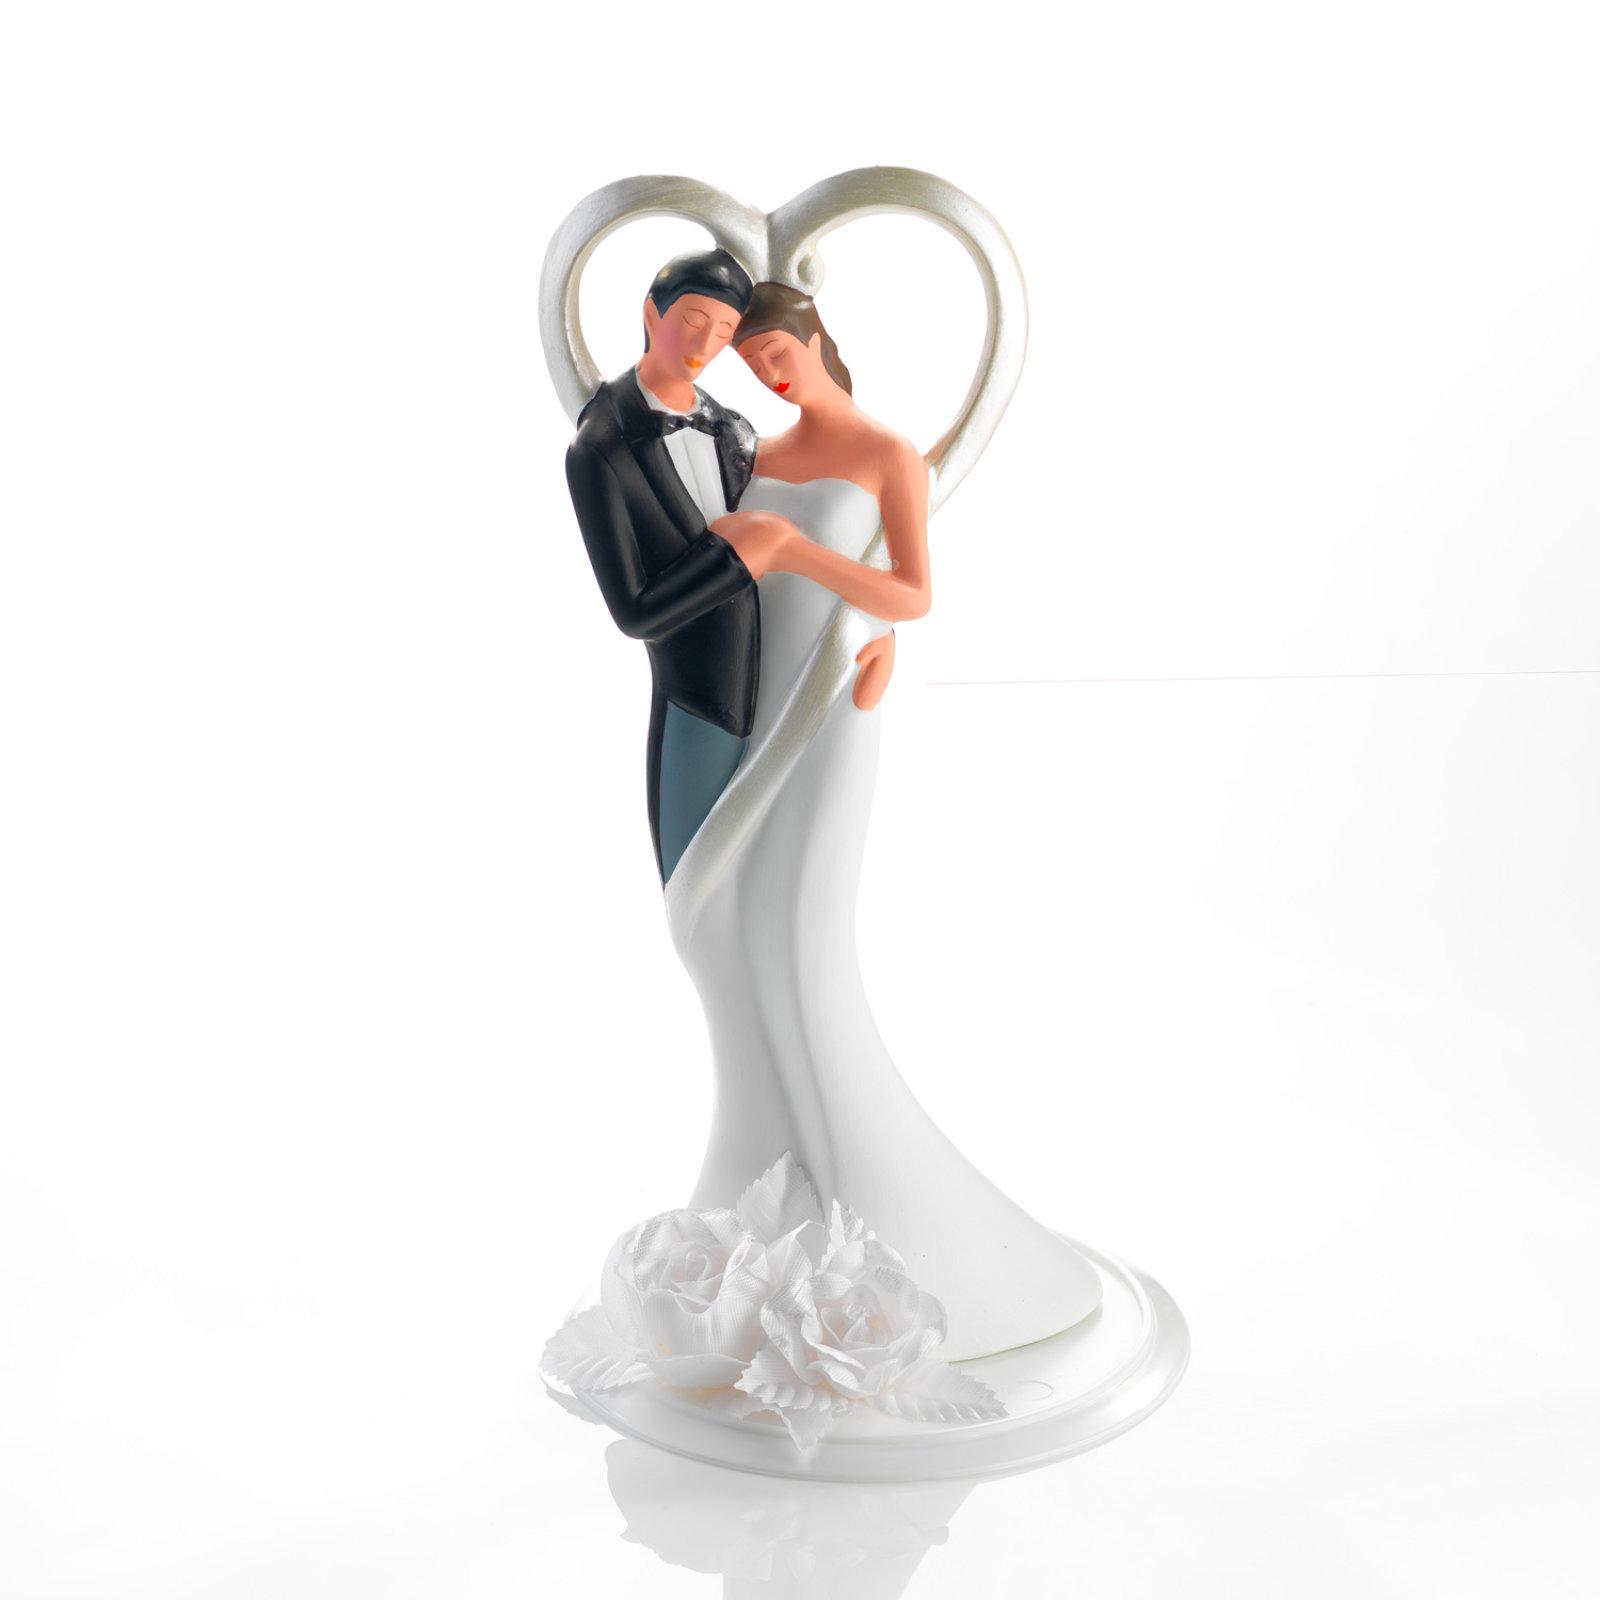 Porzellan Brautpaaraufsatz | der-ideen-shop.de